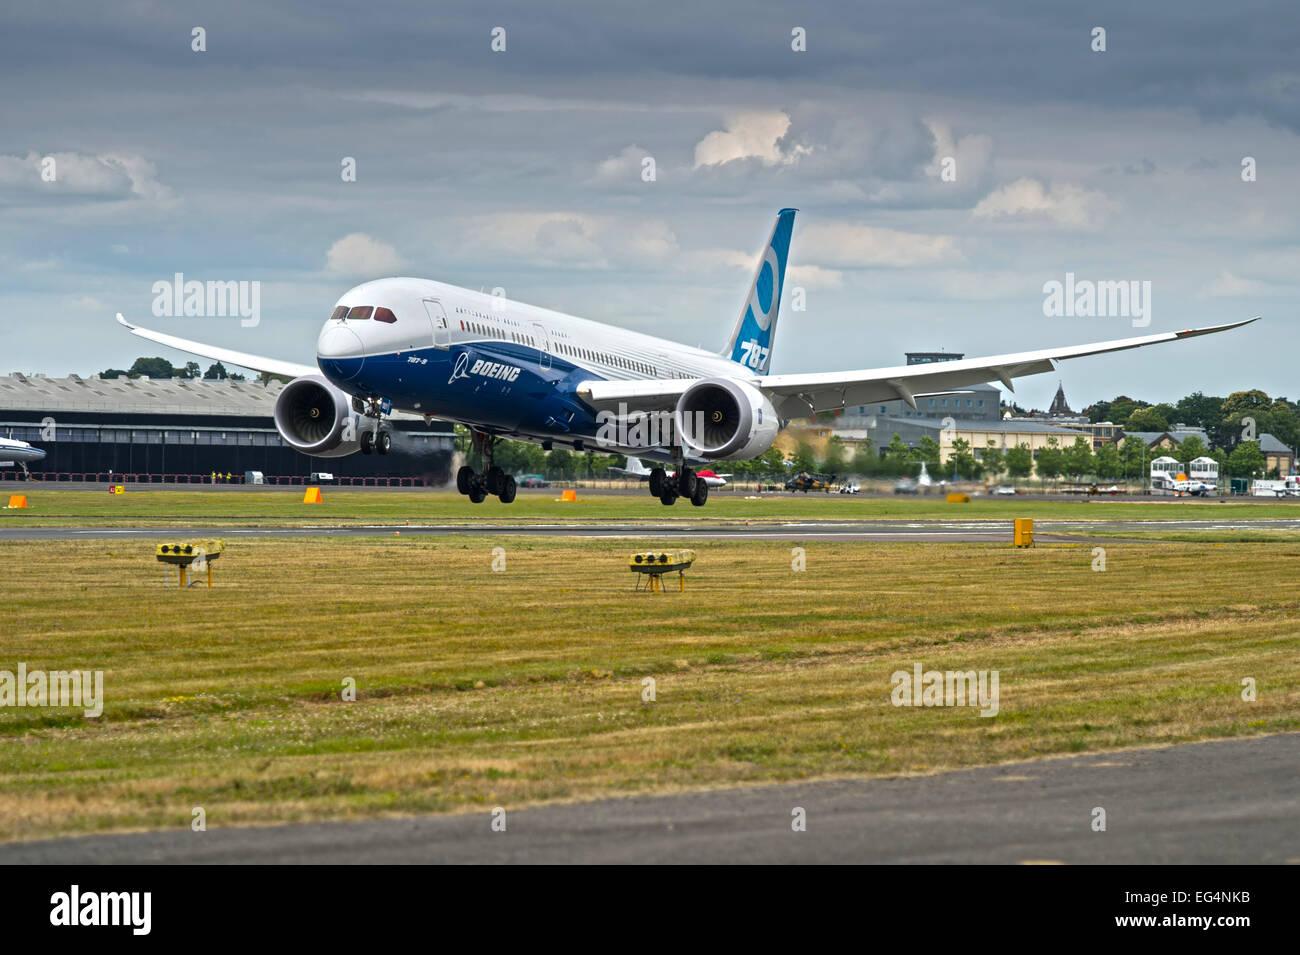 Boeing 787 landing at Farnborough - Stock Image